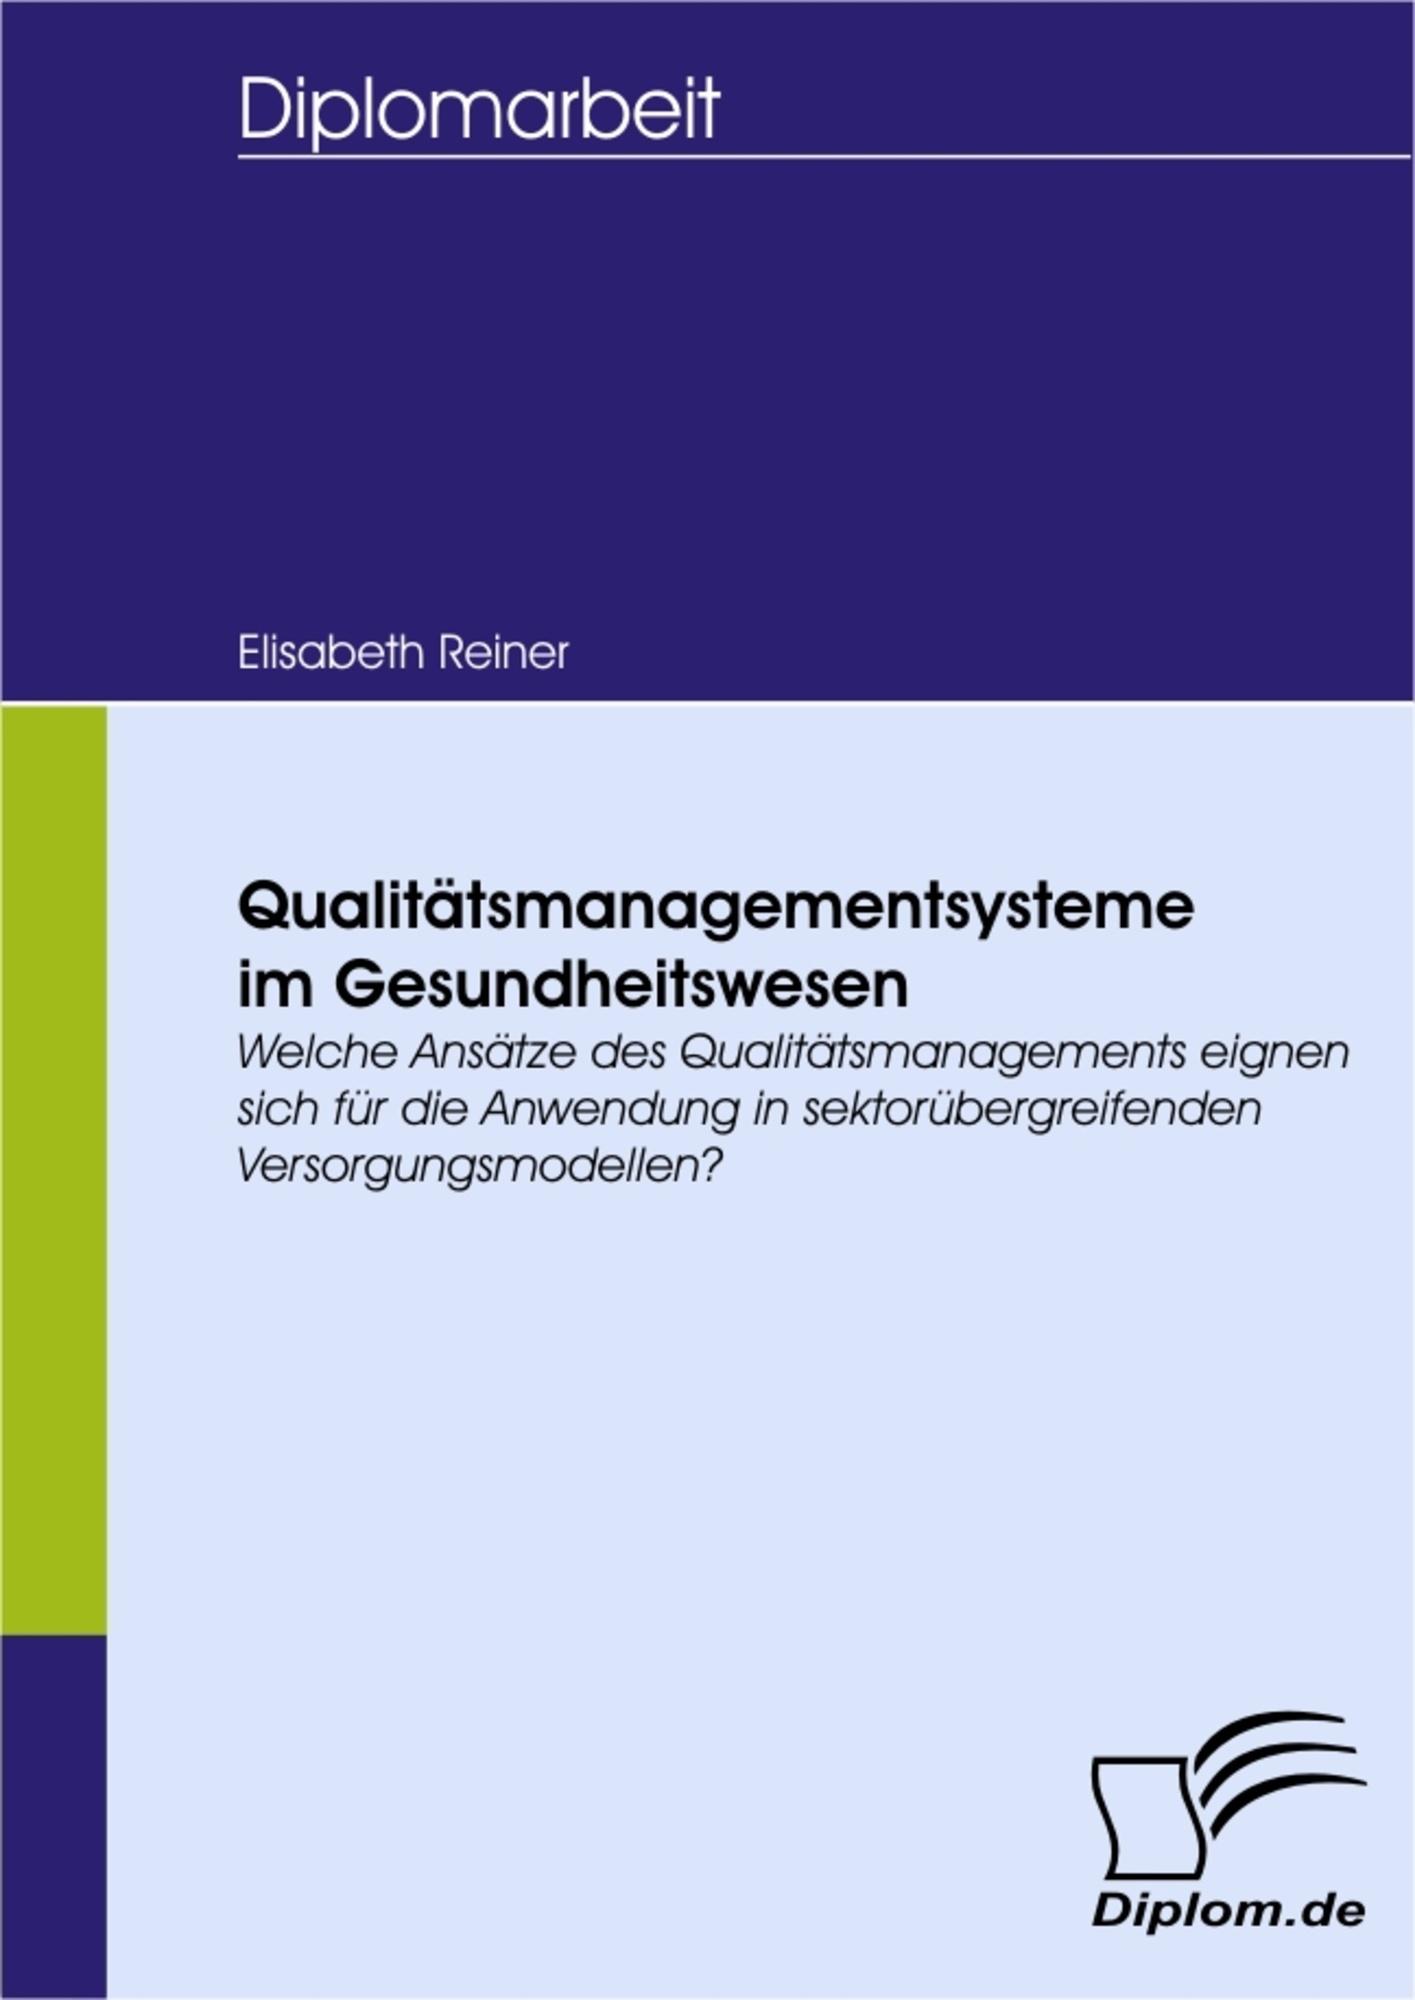 Qualitätsmanagementsysteme im Gesundheitswesen